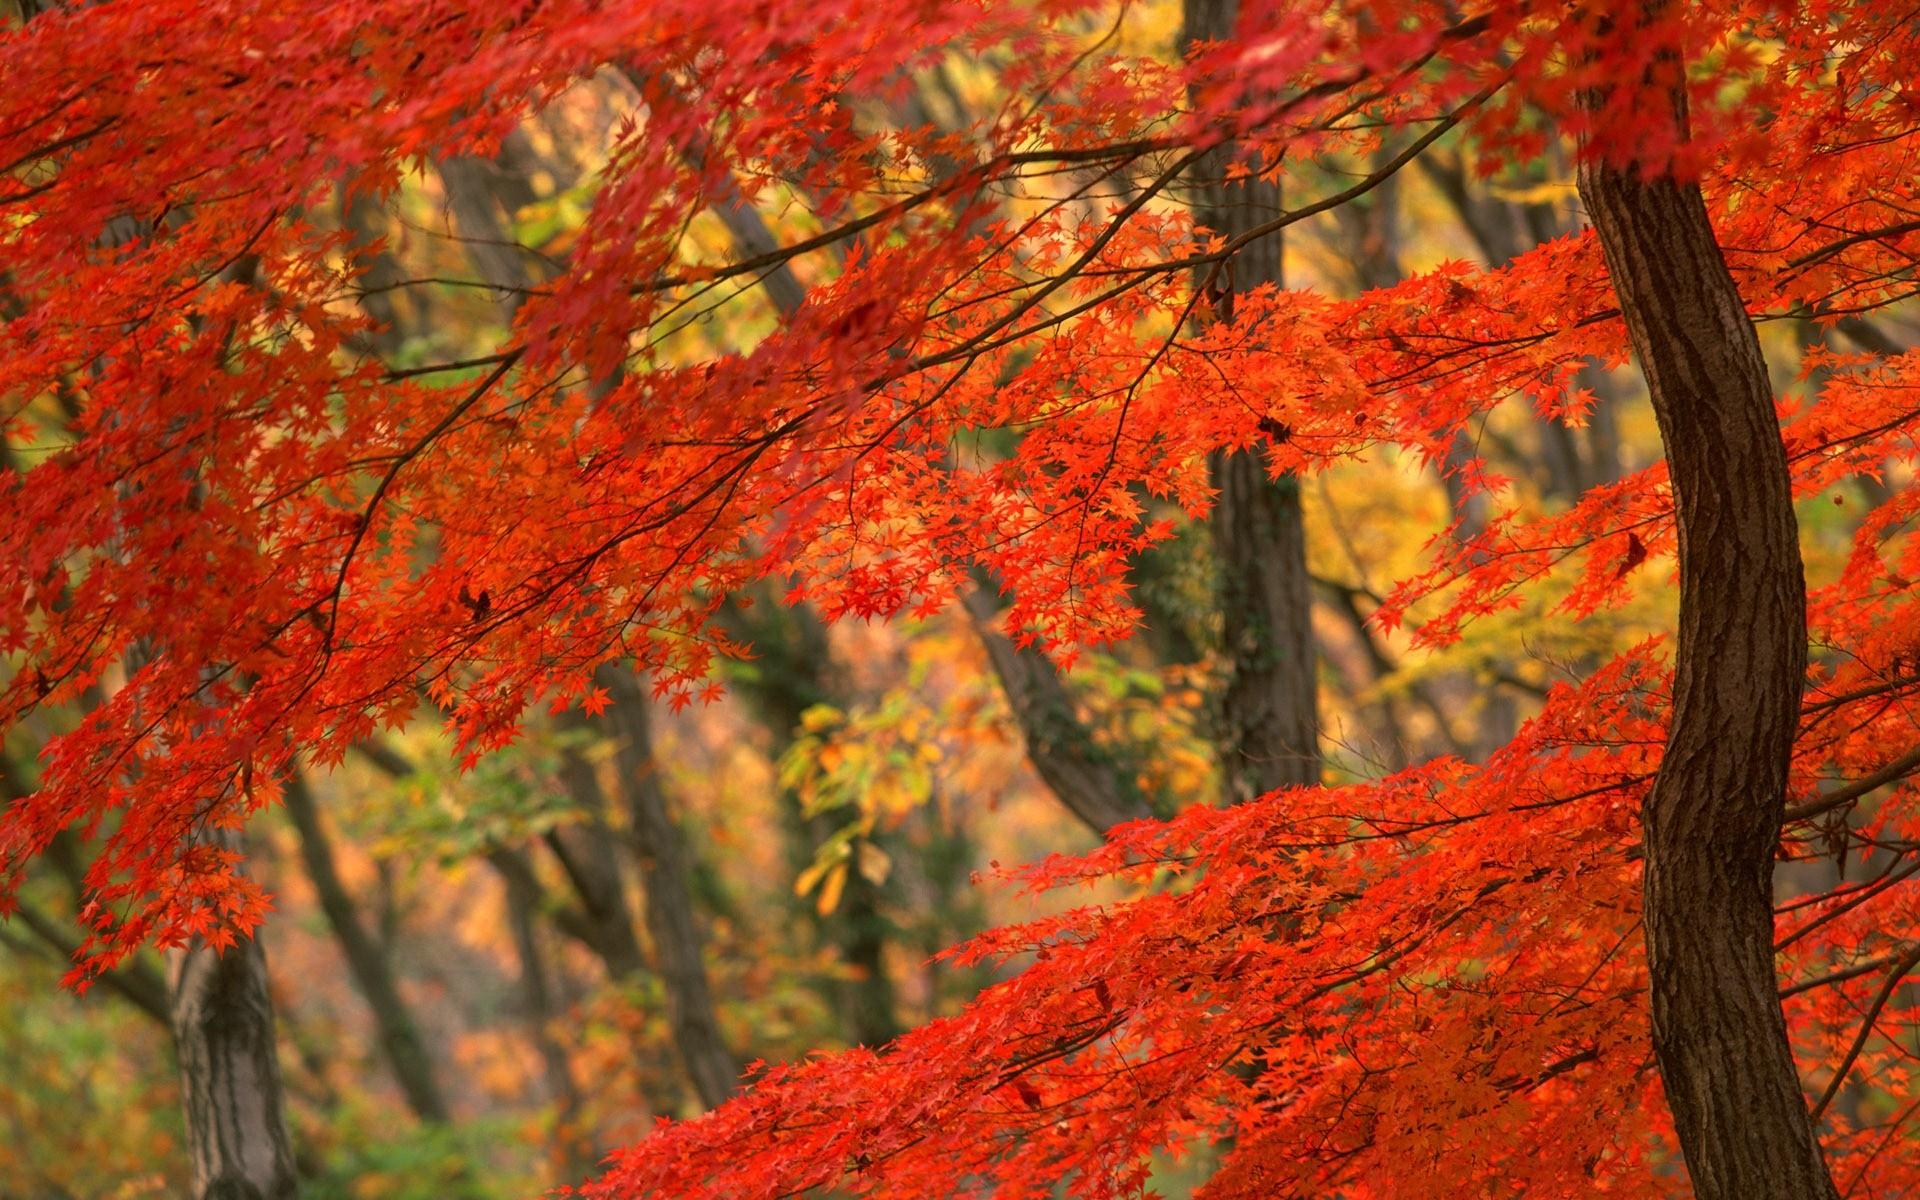 Autumn Leaves Wallpaper for Desktop – Uncalke.com